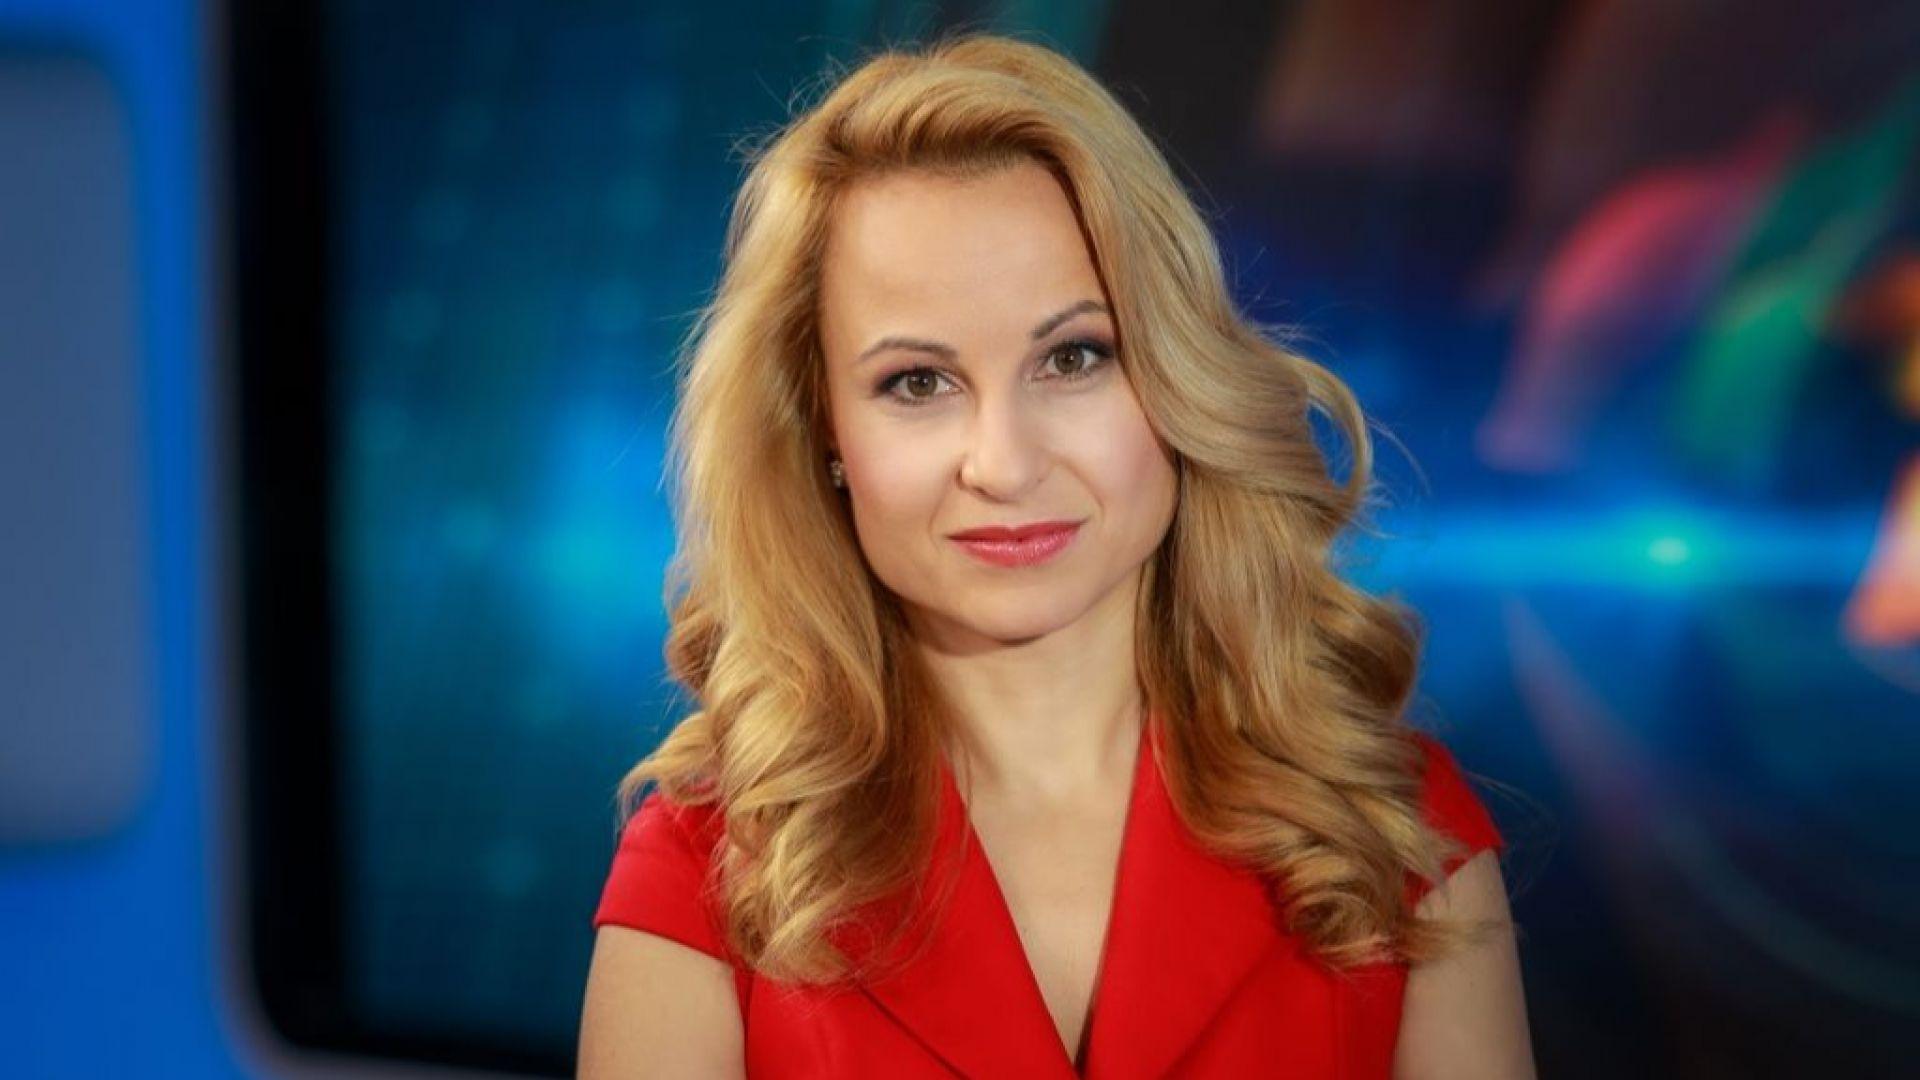 Мария Цънцарова пропуска свой рожден ден и предложение за брак, за да снима репортаж